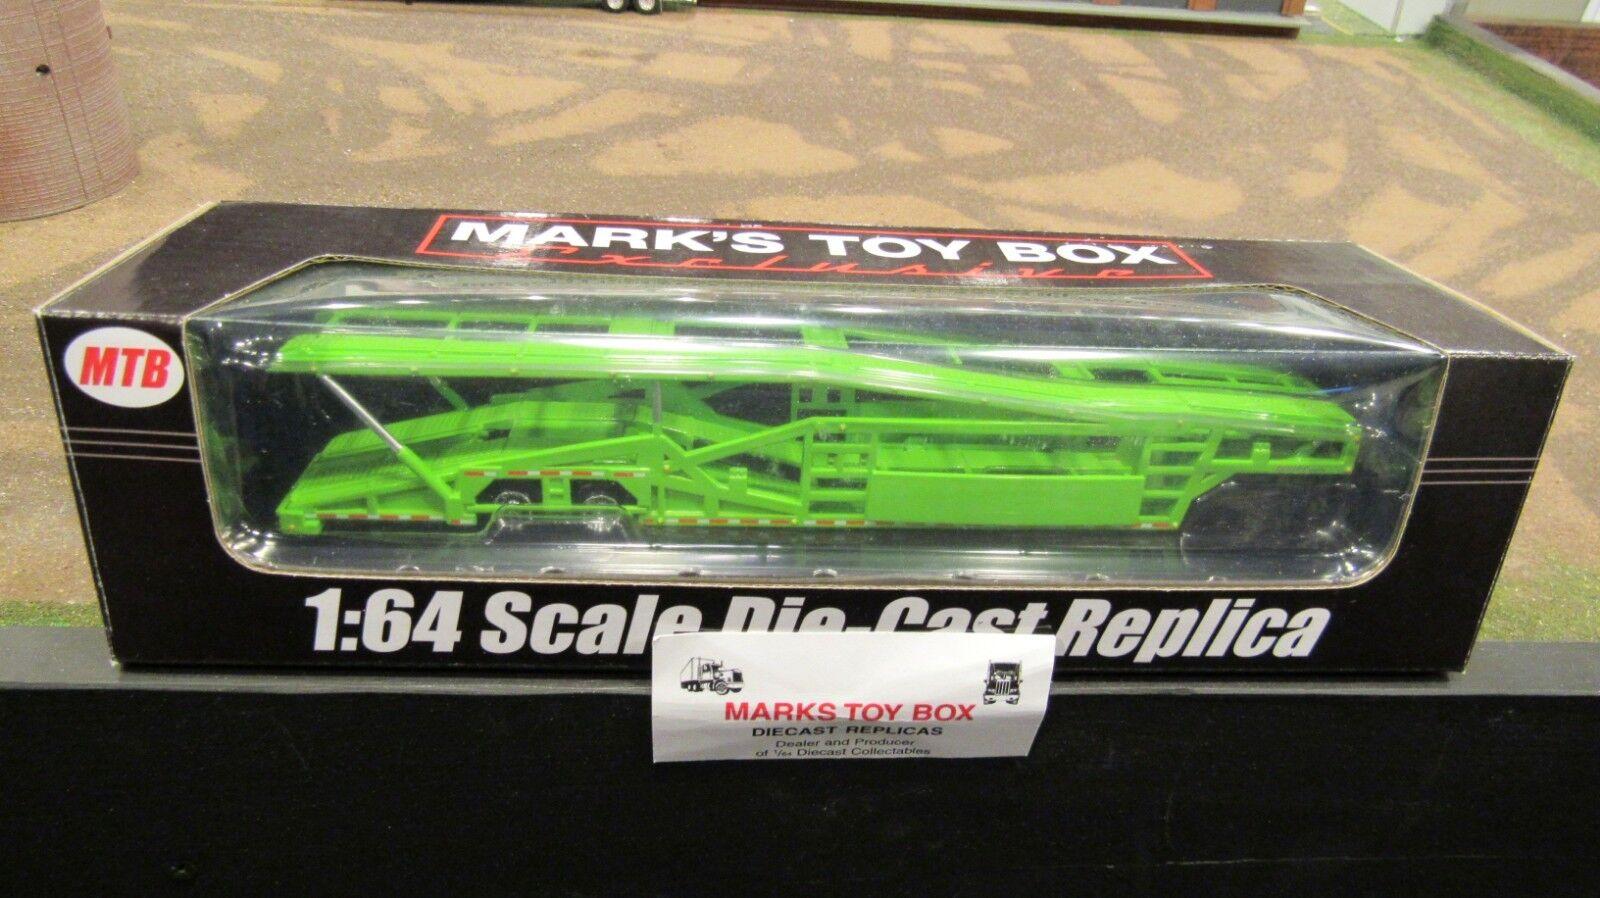 MTB-1634 verde Lima 5 coche Transportador De Transporte Remolque Transportador 1 64 Speccast